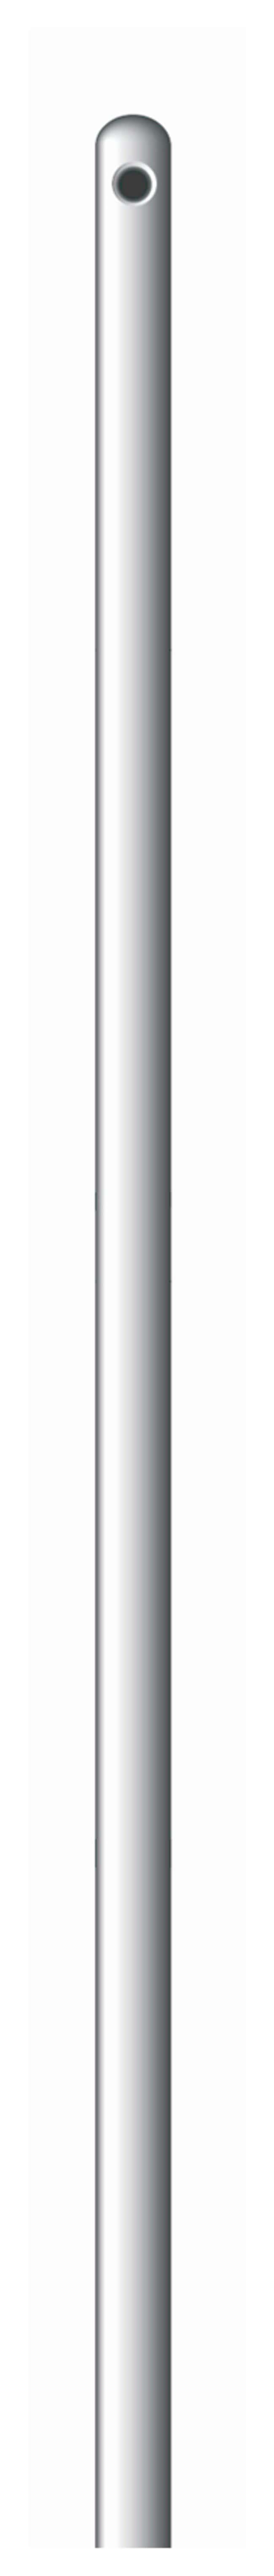 SGE™Aghi di ricambio per siringhe da 10 ul Cone point style; Removable; 53mm L; 25 gauge SGE™Aghi di ricambio per siringhe da 10 ul